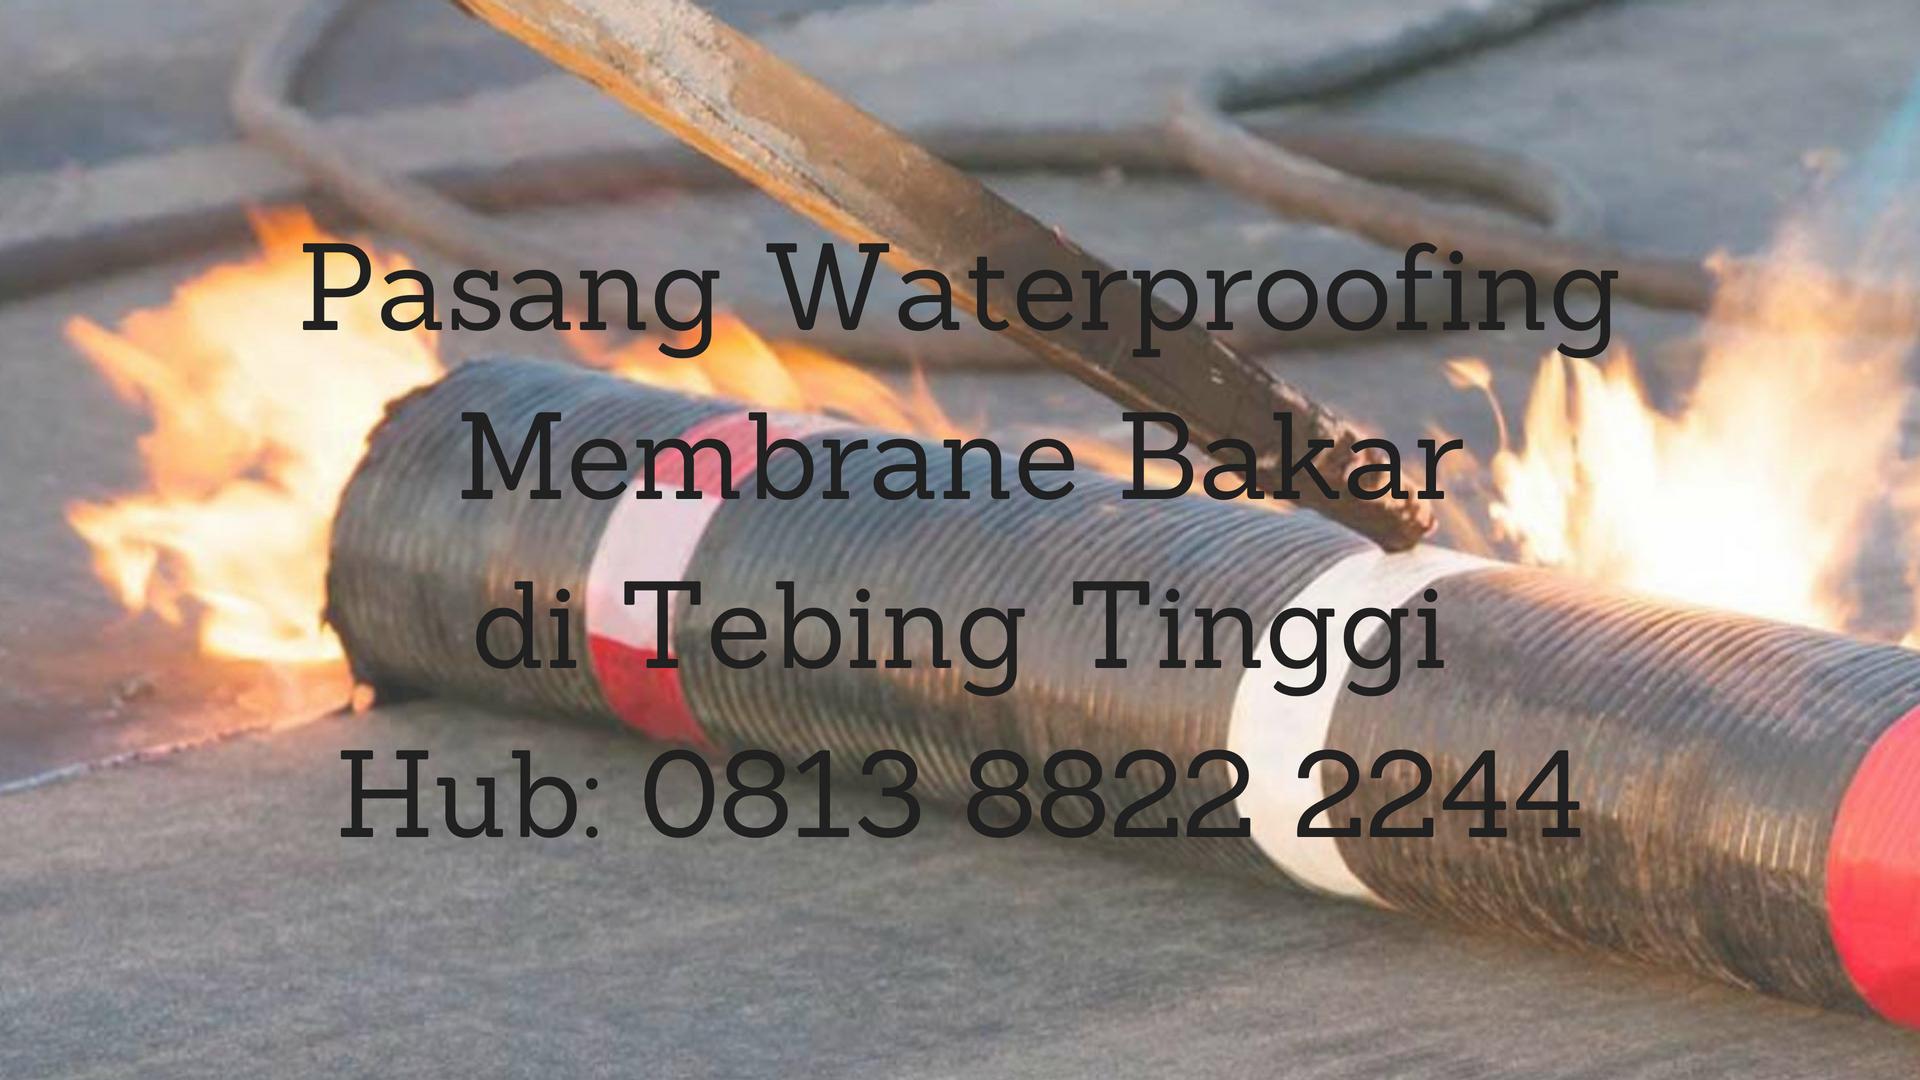 PASANG WATERPROOFING MEMBRANE BAKAR DI TEBING TINGGI.  HUB : 0813 8822 2244